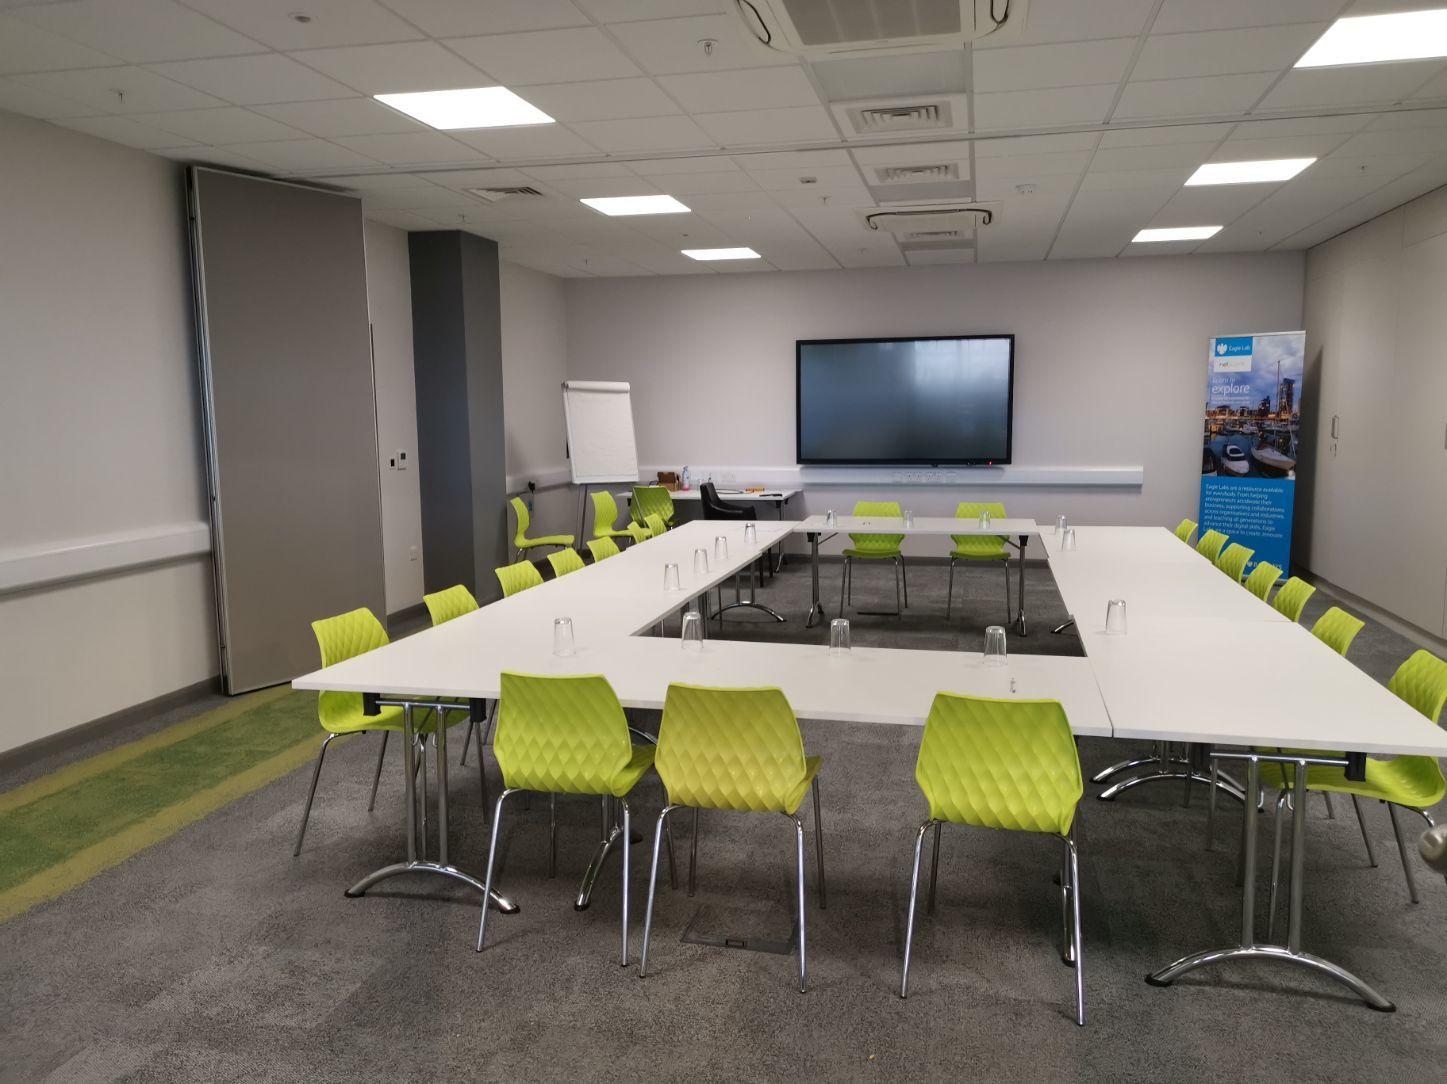 10% off meeting room bookings